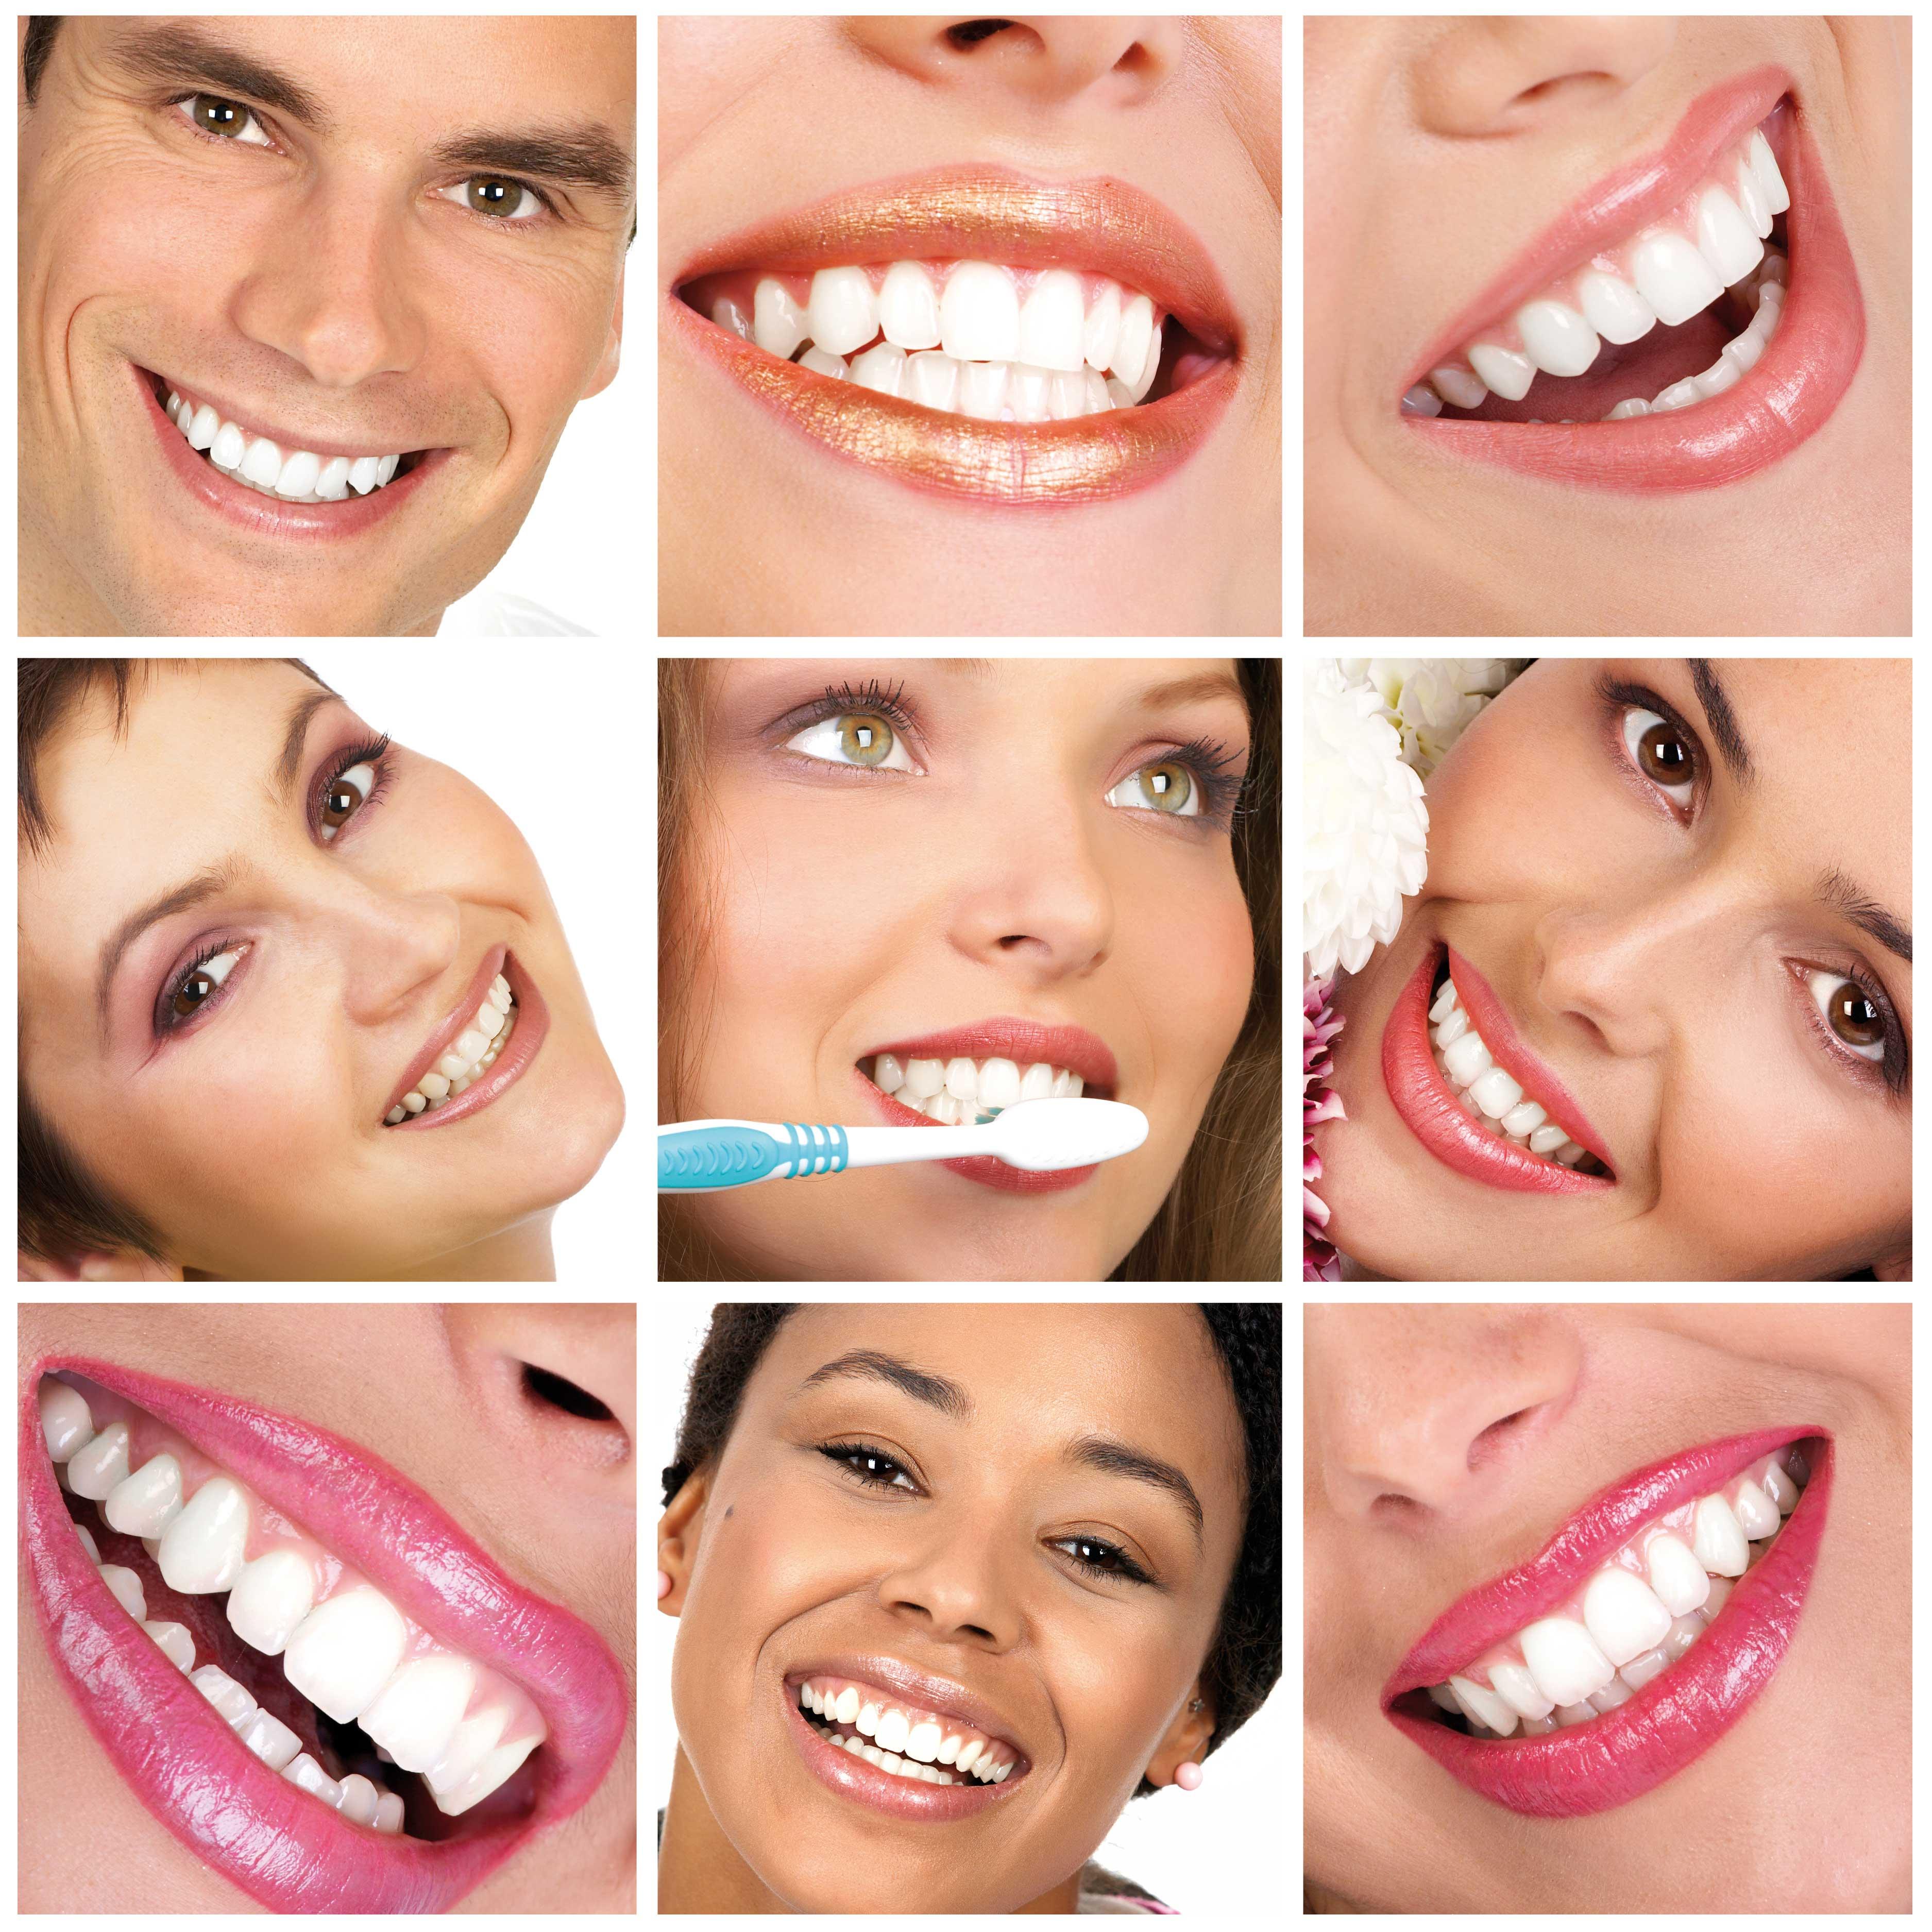 Ağız, Diş ve Çene Hastalıkları Cerrahisi